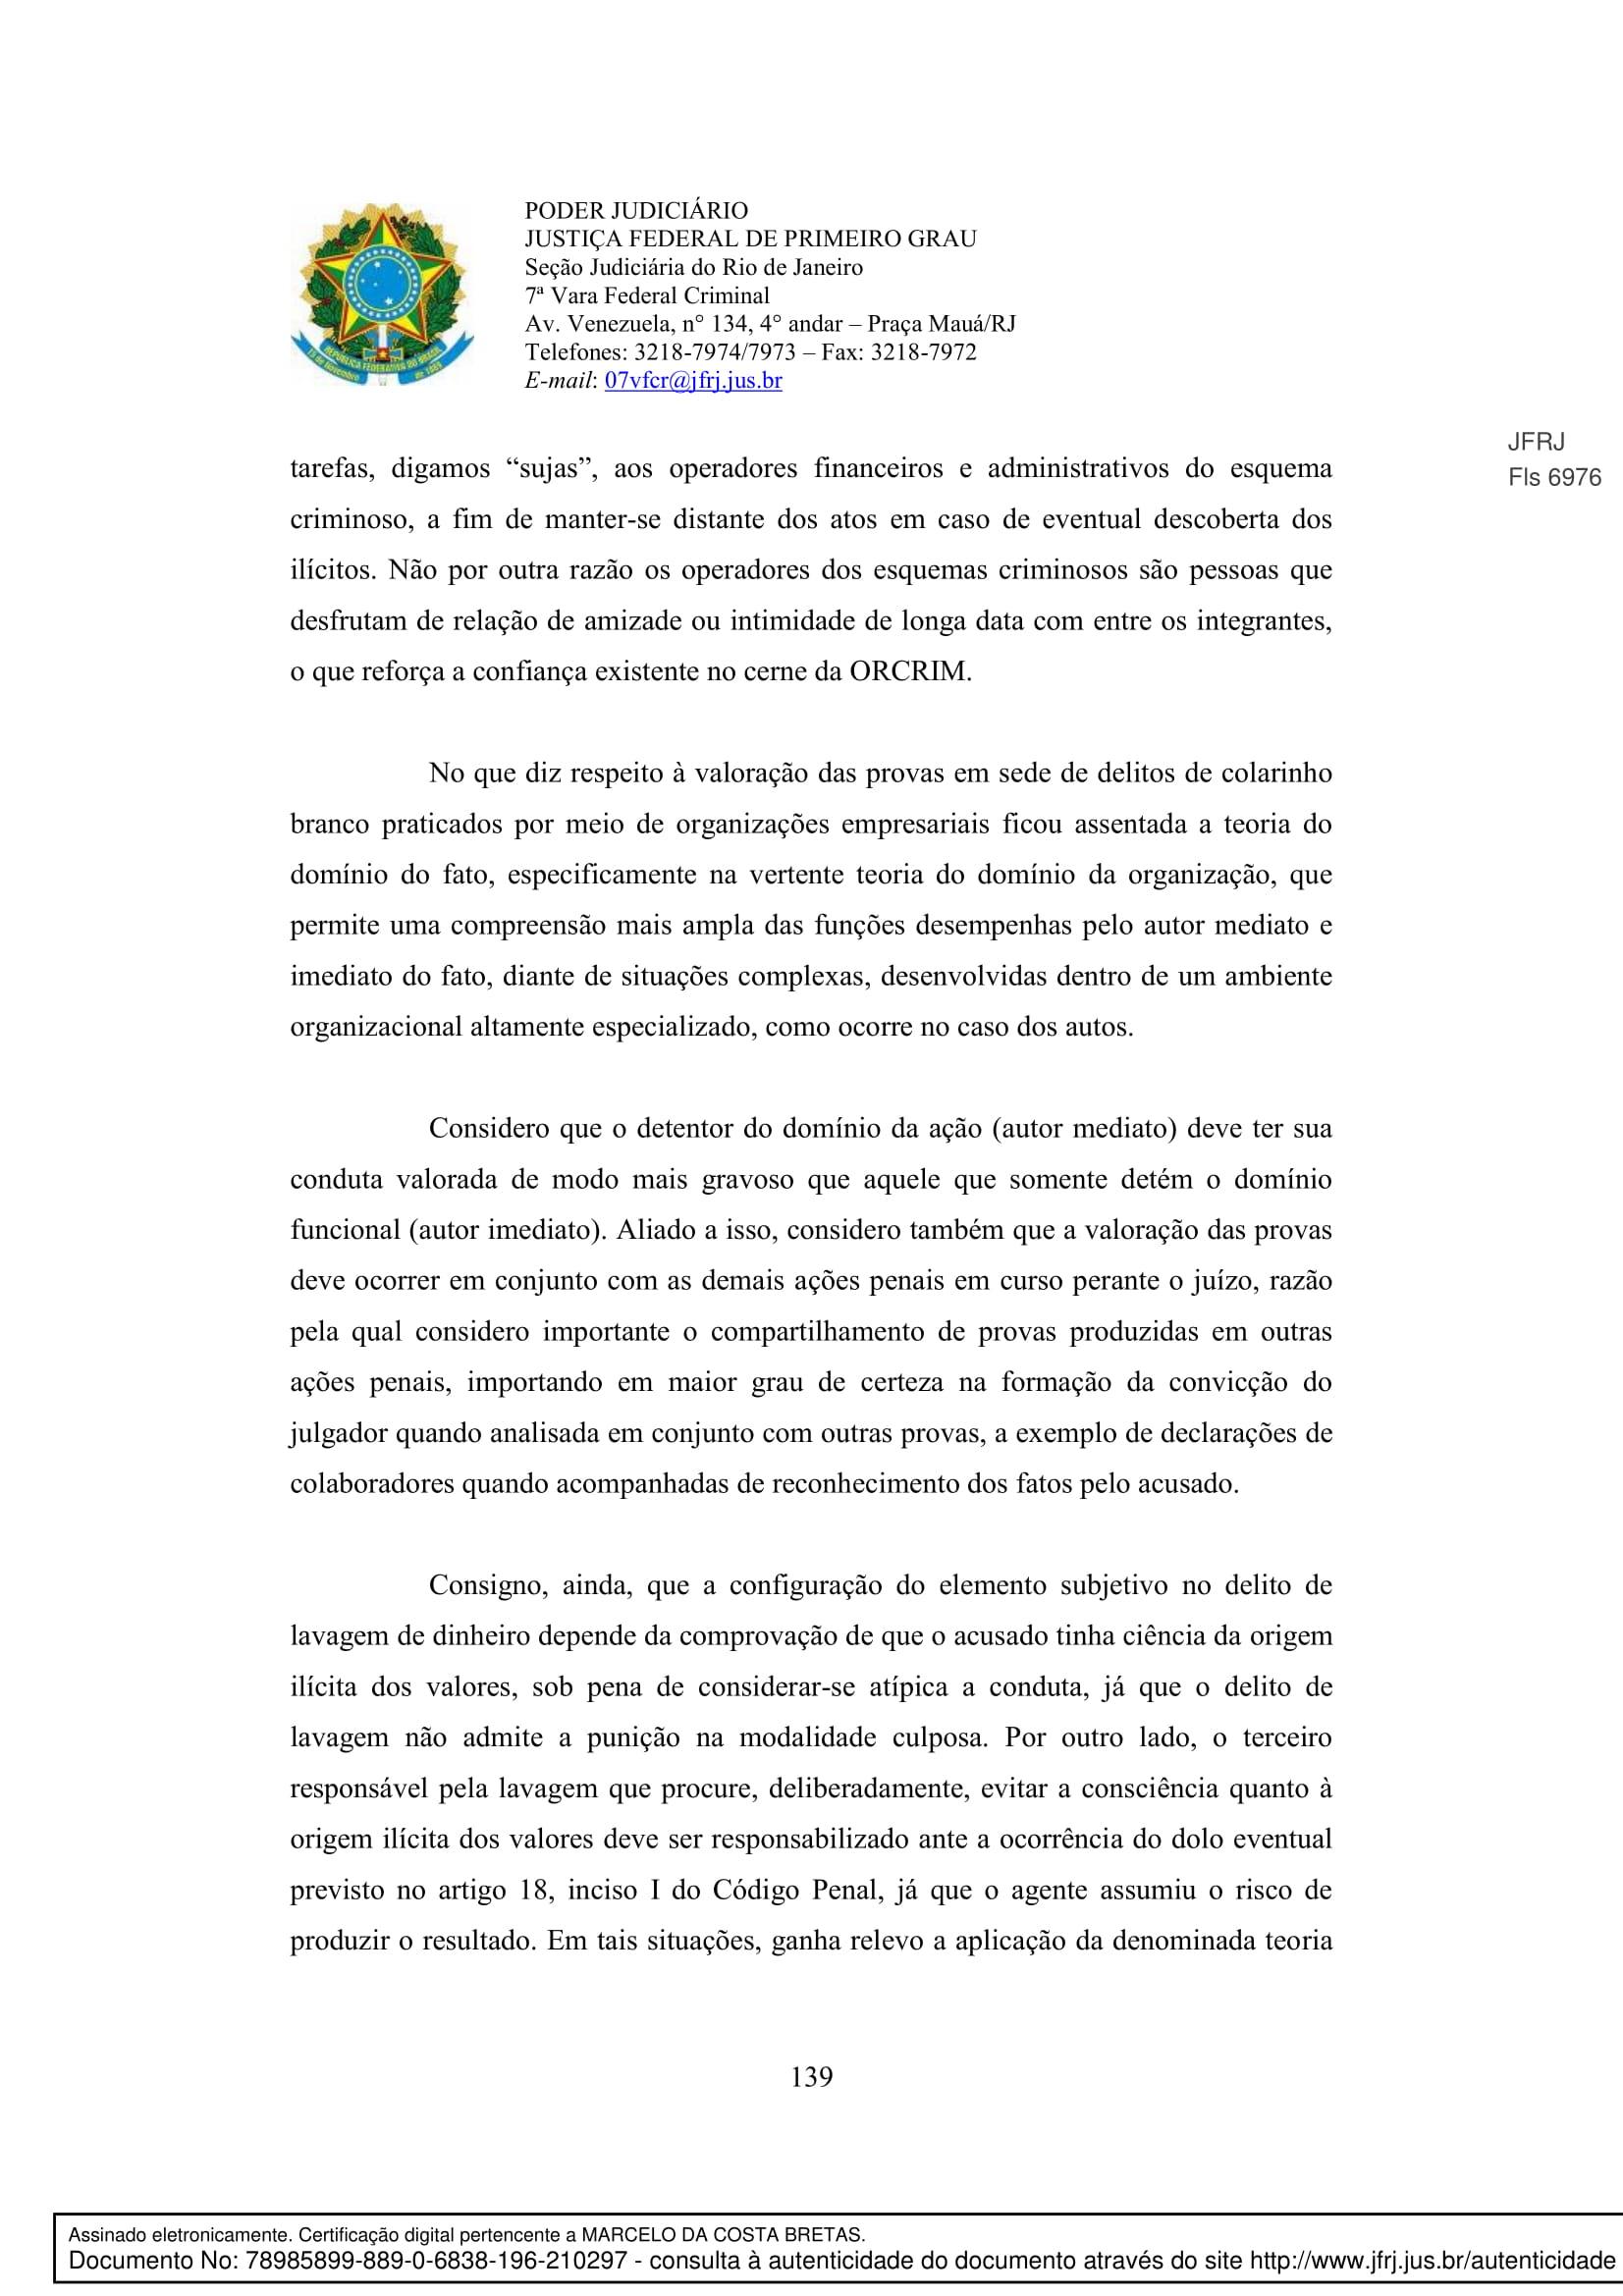 Sentenca-Cadeia-Velha-7VFC-139